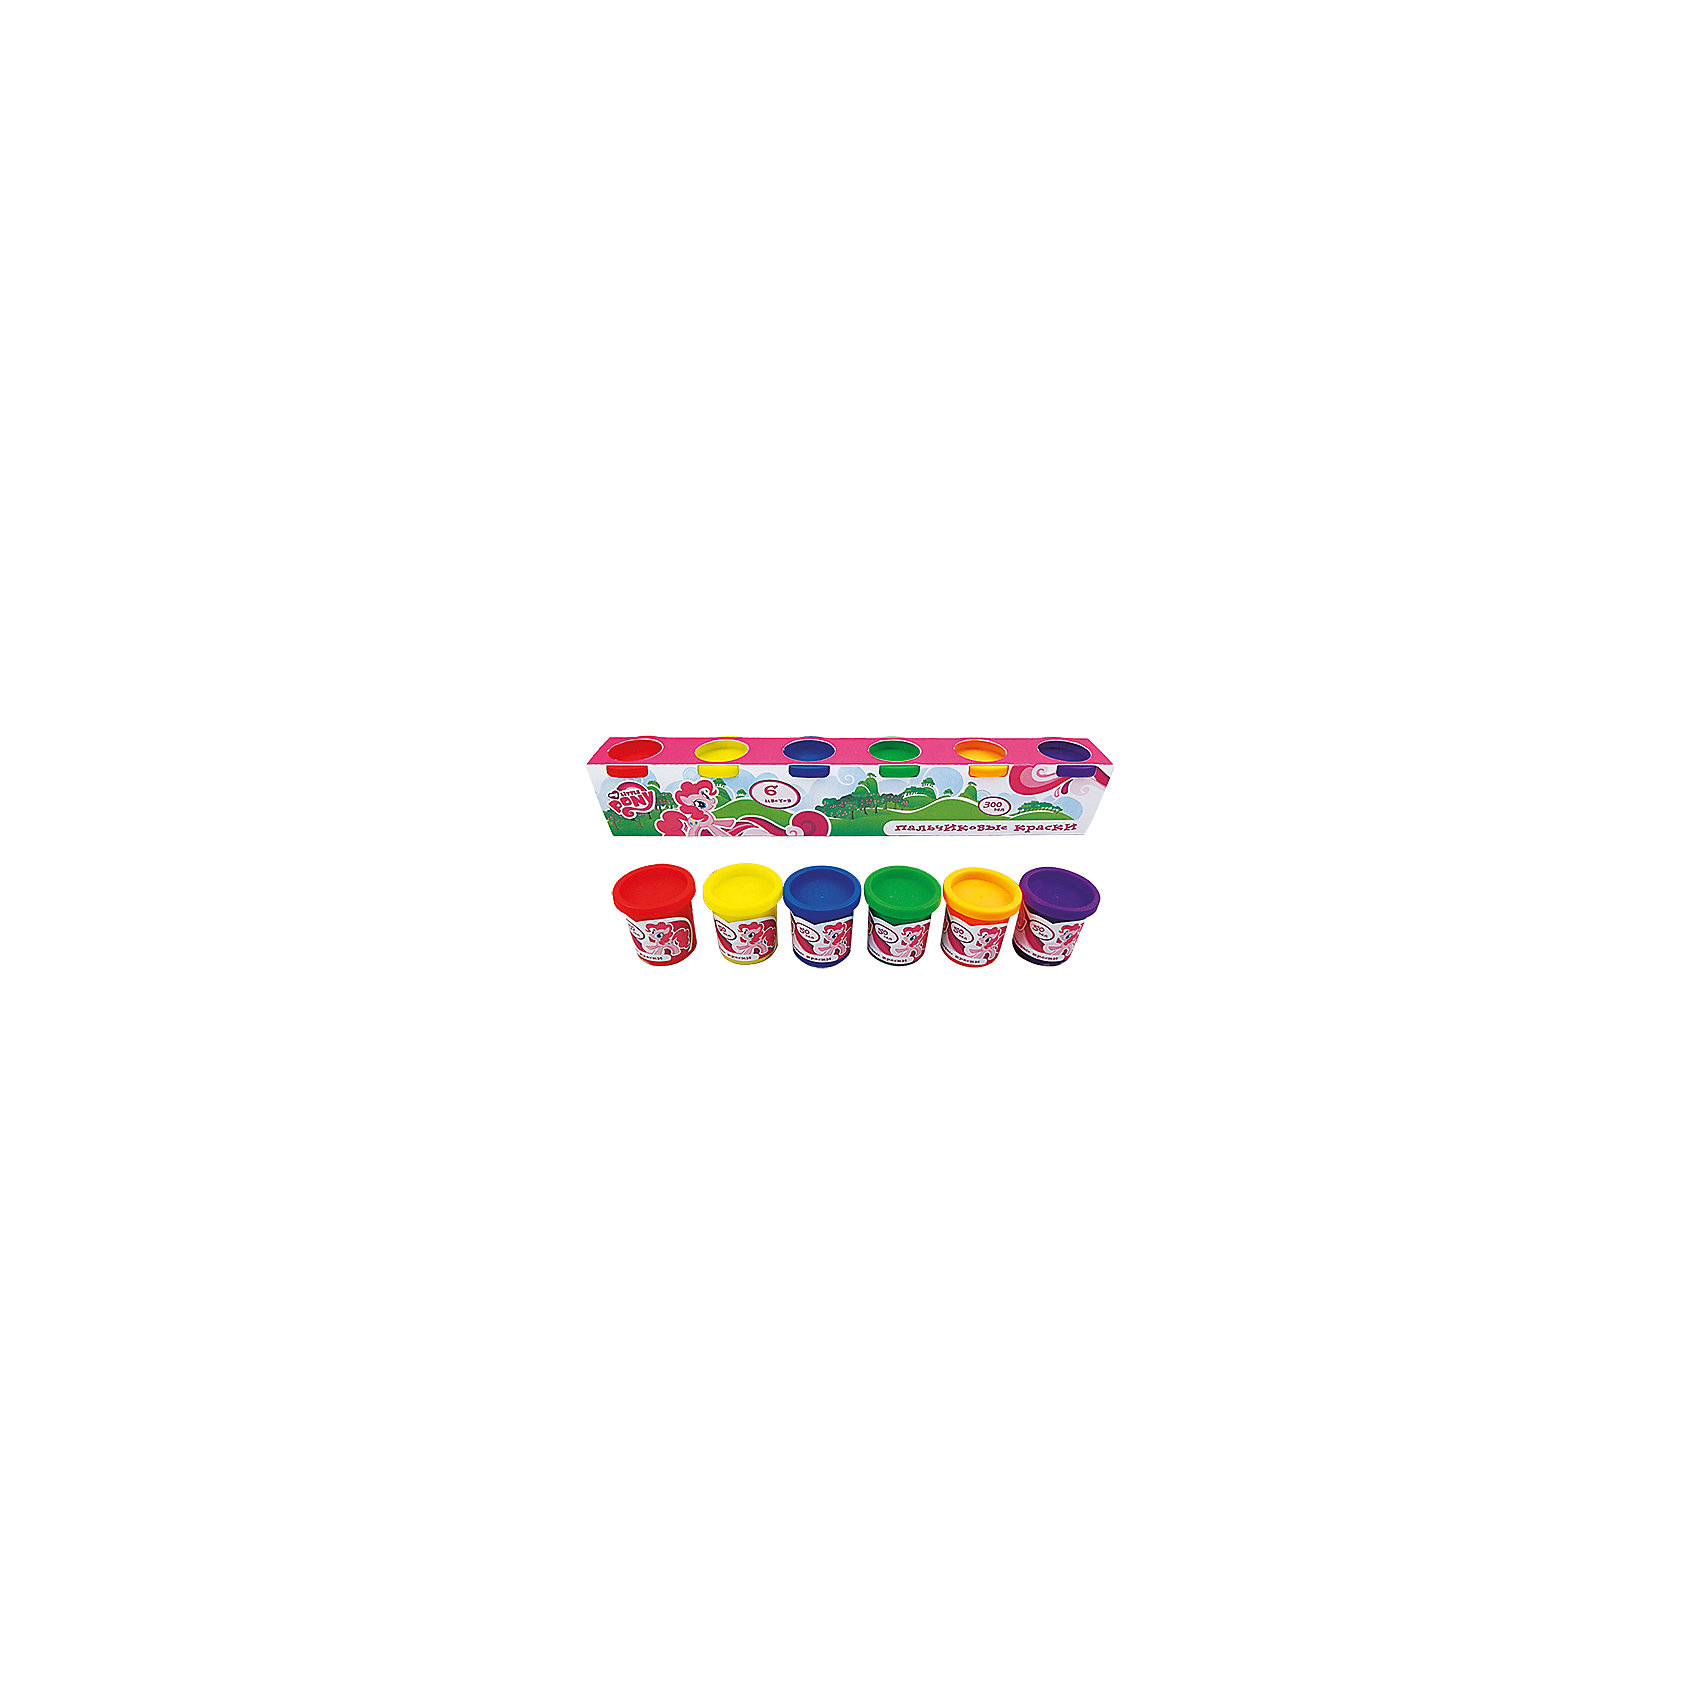 Набор пальчиковых красок, 6 цветов, My little PonyТворчество для малышей<br>Набор пальчиковых красок, 6 цветов, My little Pony (Мой маленький Пони) идеально подходит даже для самых маленьких и предназначен специально для рисования пальцами, поэтому краски абсолютно безвредны для кожи и не вызывают аллергических реакций. Пока малыши не научились пользоваться кисточками, они могут рисовать пальчиками, смешивать цвета и стараться аккуратно закрашивать контуры. Краска каждого цвета хранится в отдельной пластиковой баночке. Их использование развивает тактильные ощущения, цветовое восприятие, зрительную память, творческое мышление, тренирует мелкую моторику, положительно влияет на настроение детей. <br><br>Комплектация: баночки с краской 6 шт.<br><br>Дополнительная информация:<br>-Серия: Мой маленький Пони<br>-Вес в упаковке: 440 г<br>-Размеры в упаковке: 330х60х50 мм<br>-Материалы: пластик, краски<br><br>Пальчиковые краски – это один из самых удачных способов занять малыша и подарить ему настоящую радость!<br><br>Набор пальчиковых красок, 6 цветов, My little Pony (Мой маленький Пони) можно купить в нашем магазине.<br><br>Ширина мм: 330<br>Глубина мм: 60<br>Высота мм: 50<br>Вес г: 440<br>Возраст от месяцев: 12<br>Возраст до месяцев: 48<br>Пол: Женский<br>Возраст: Детский<br>SKU: 4079300